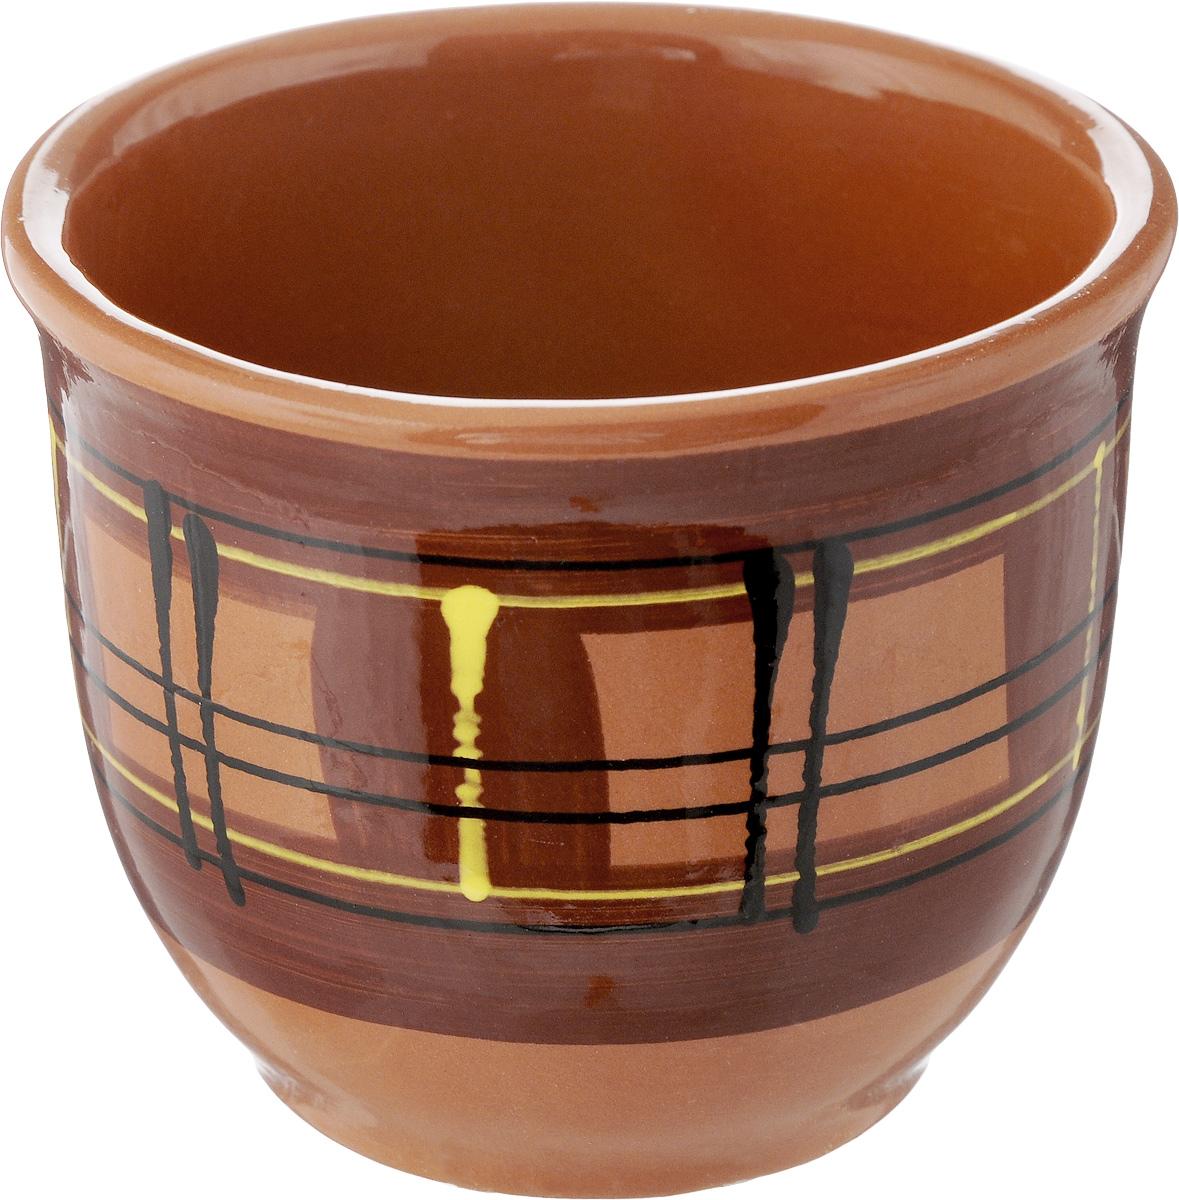 Стакан Борисовская керамика Cтандарт. Полоски, цвет: коричневый, 300 млVT-1520(SR)Стакан Борисовская керамика Cтандарт выполнен из высококачественной глазурованной керамики. Керамика не только сохраняет тепло, она сохраняет и прохладу. Напиток в таком стакане дольше будет холодным. Или горячим, это уже как вы захотите. Яркий дизайн придется по вкусу и ценителям классики, и тем, кто предпочитает утонченность и изысканность. Посуда термостойкая. Можно использовать в духовке и микроволновой печи.Диаметр (по верхнему краю): 10,5 см.Высота стакана: 8,5 см.